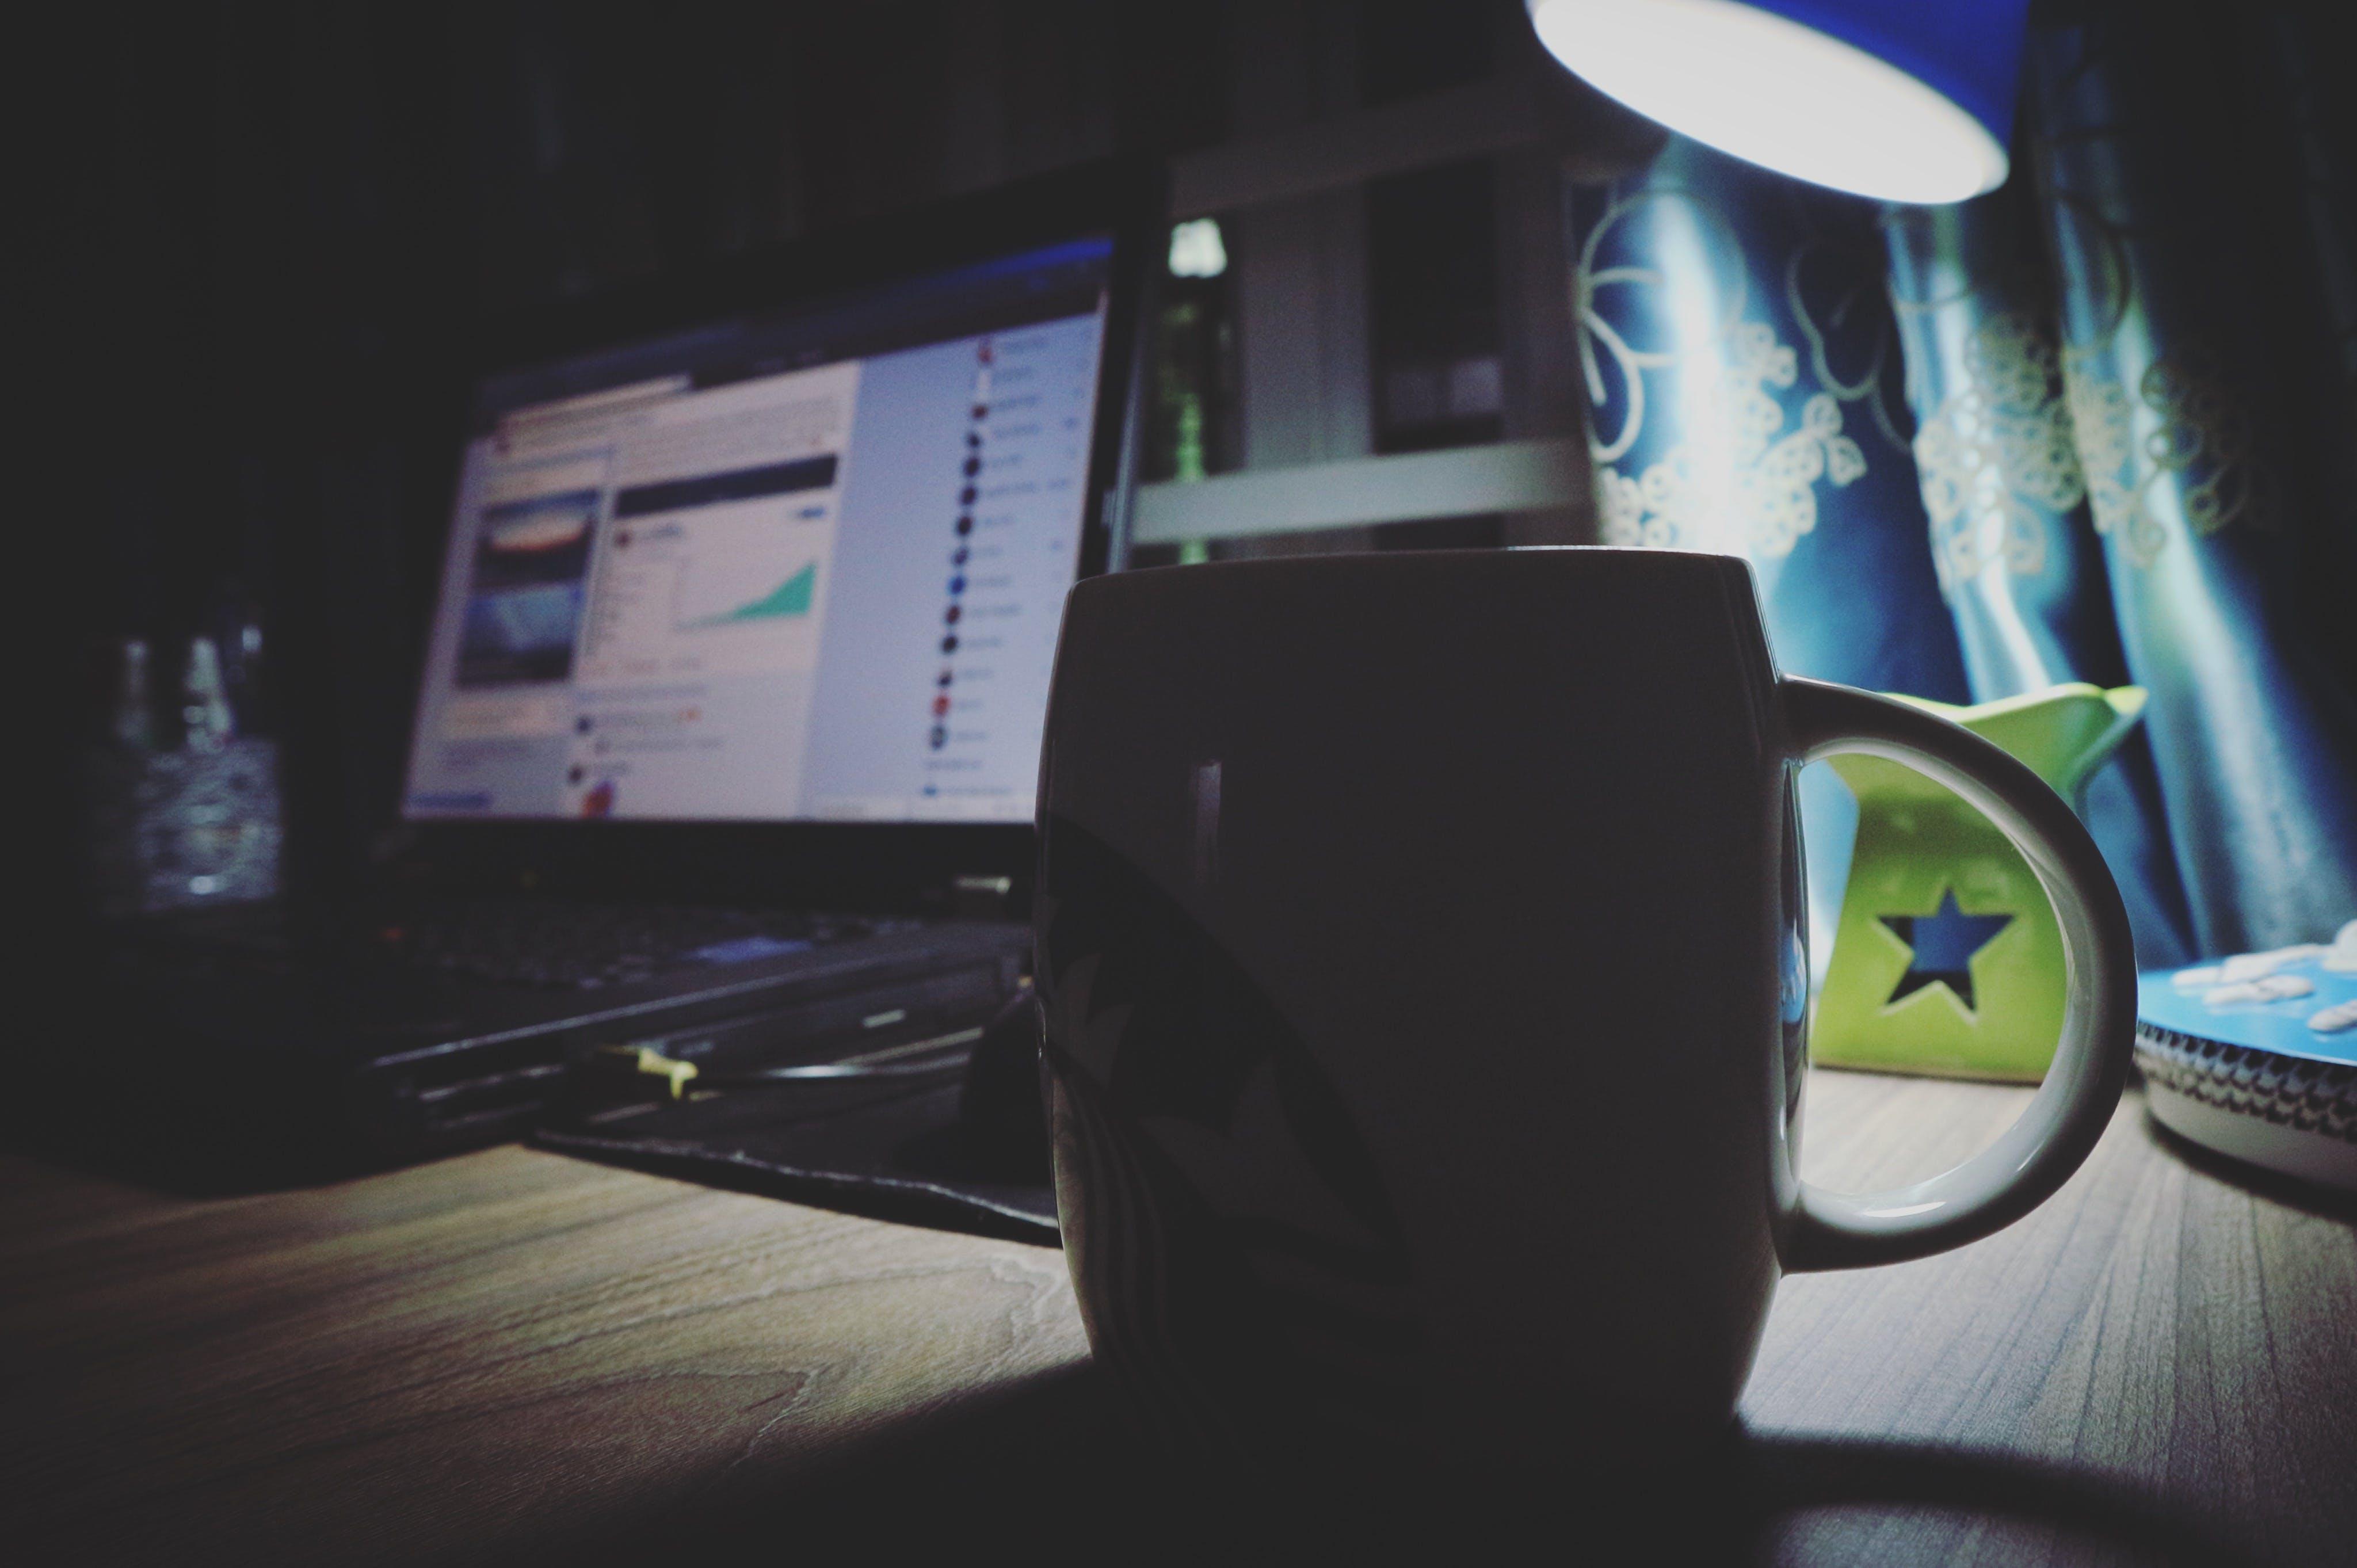 Black Ceramic Mug Near Black Laptop